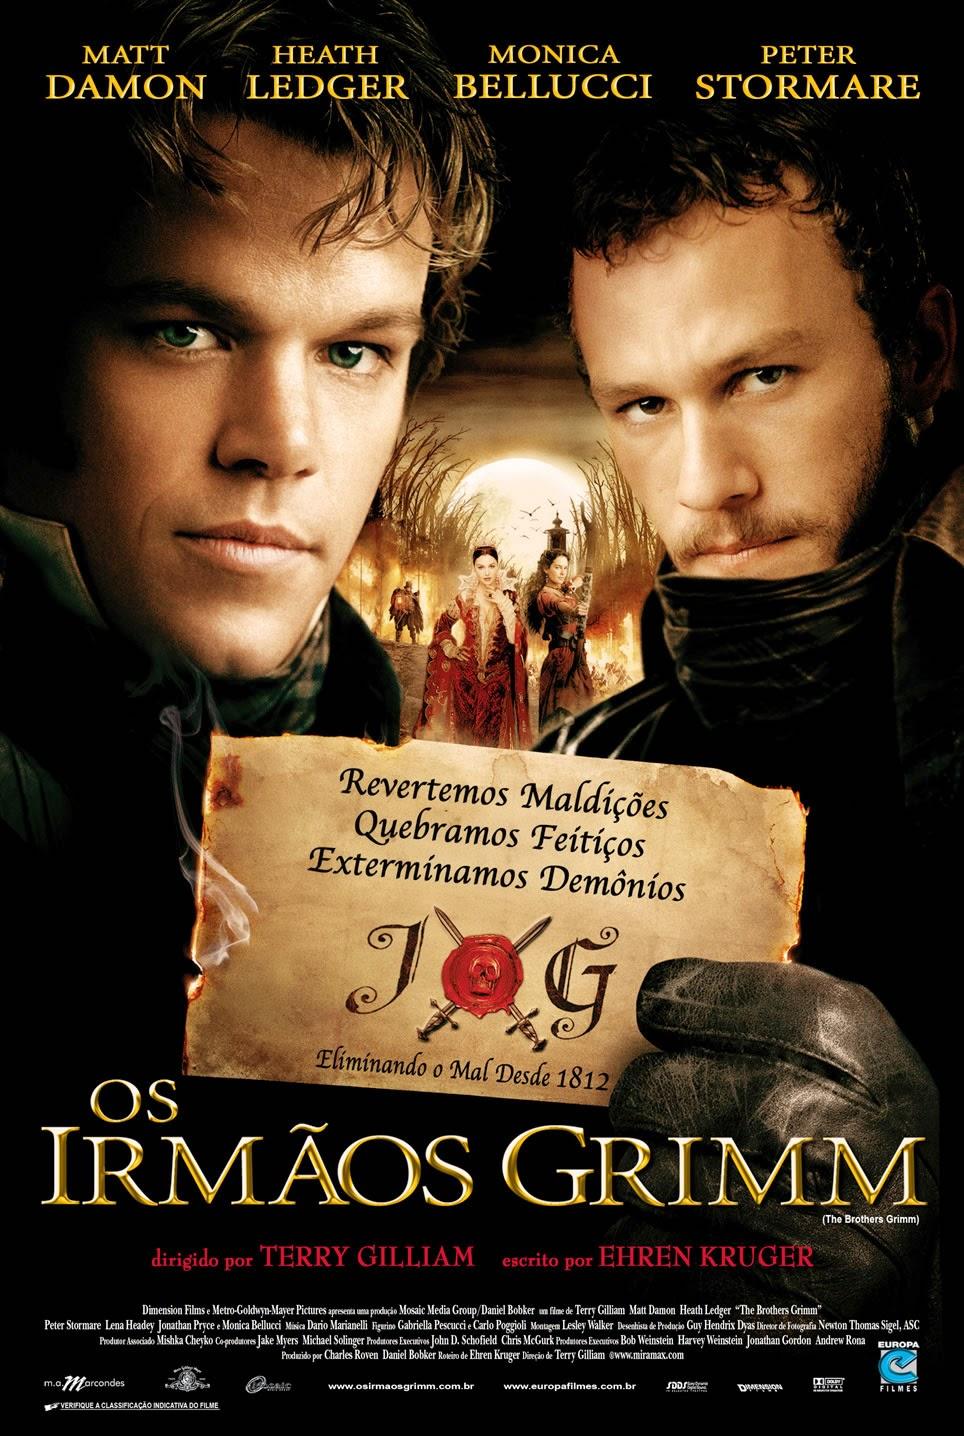 Irmãos Grimm (2005)